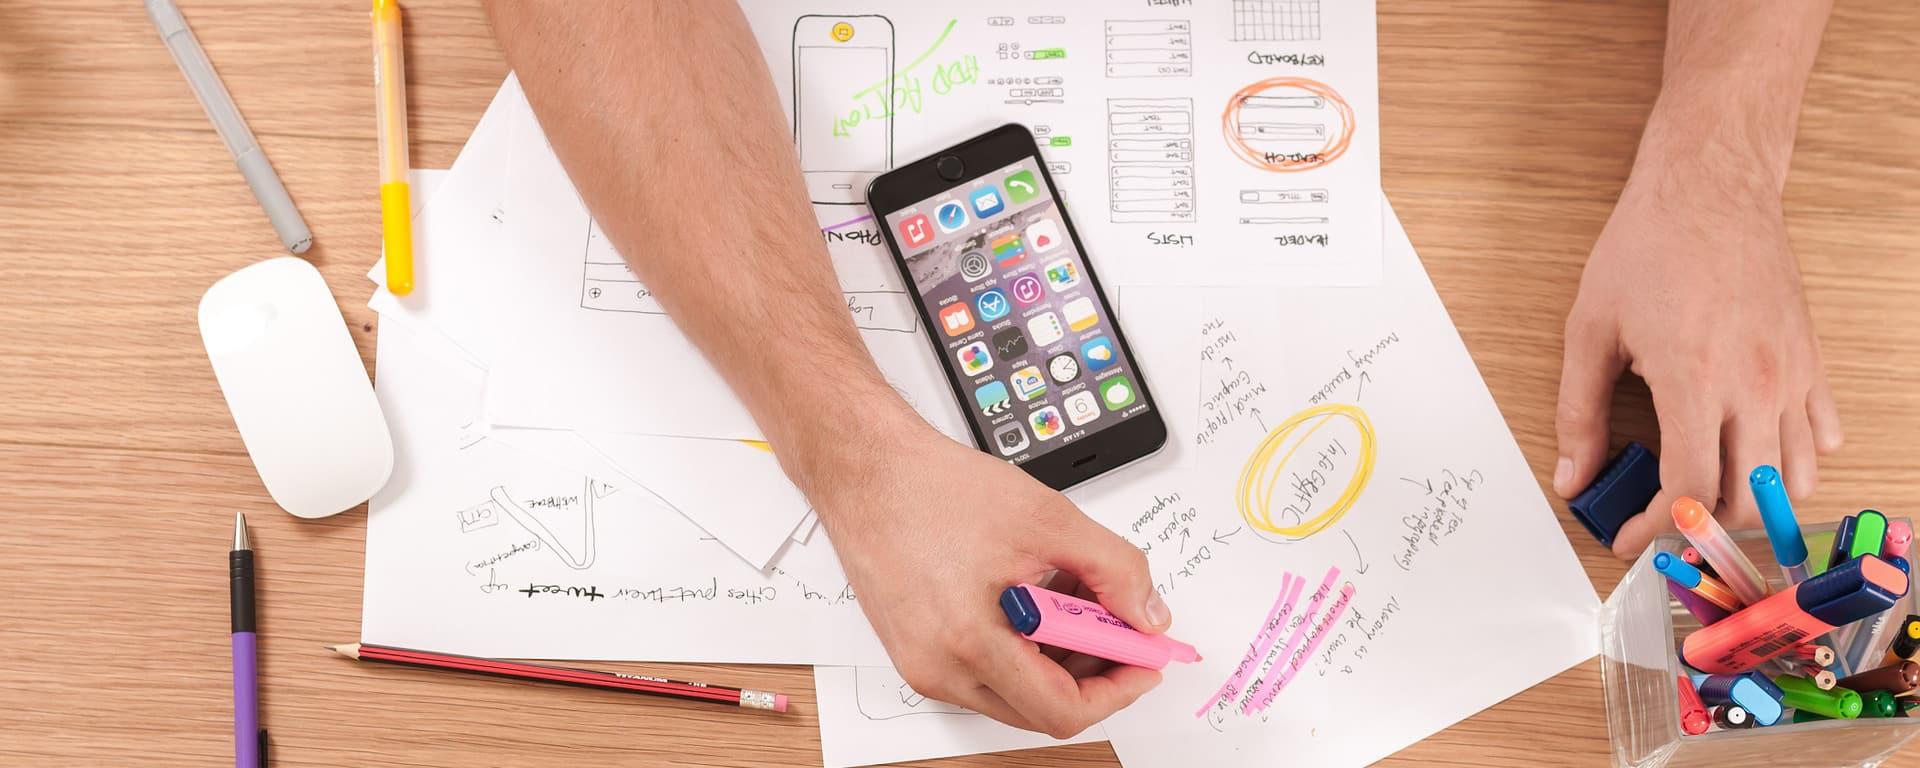 t aplicativos de organização pessoal